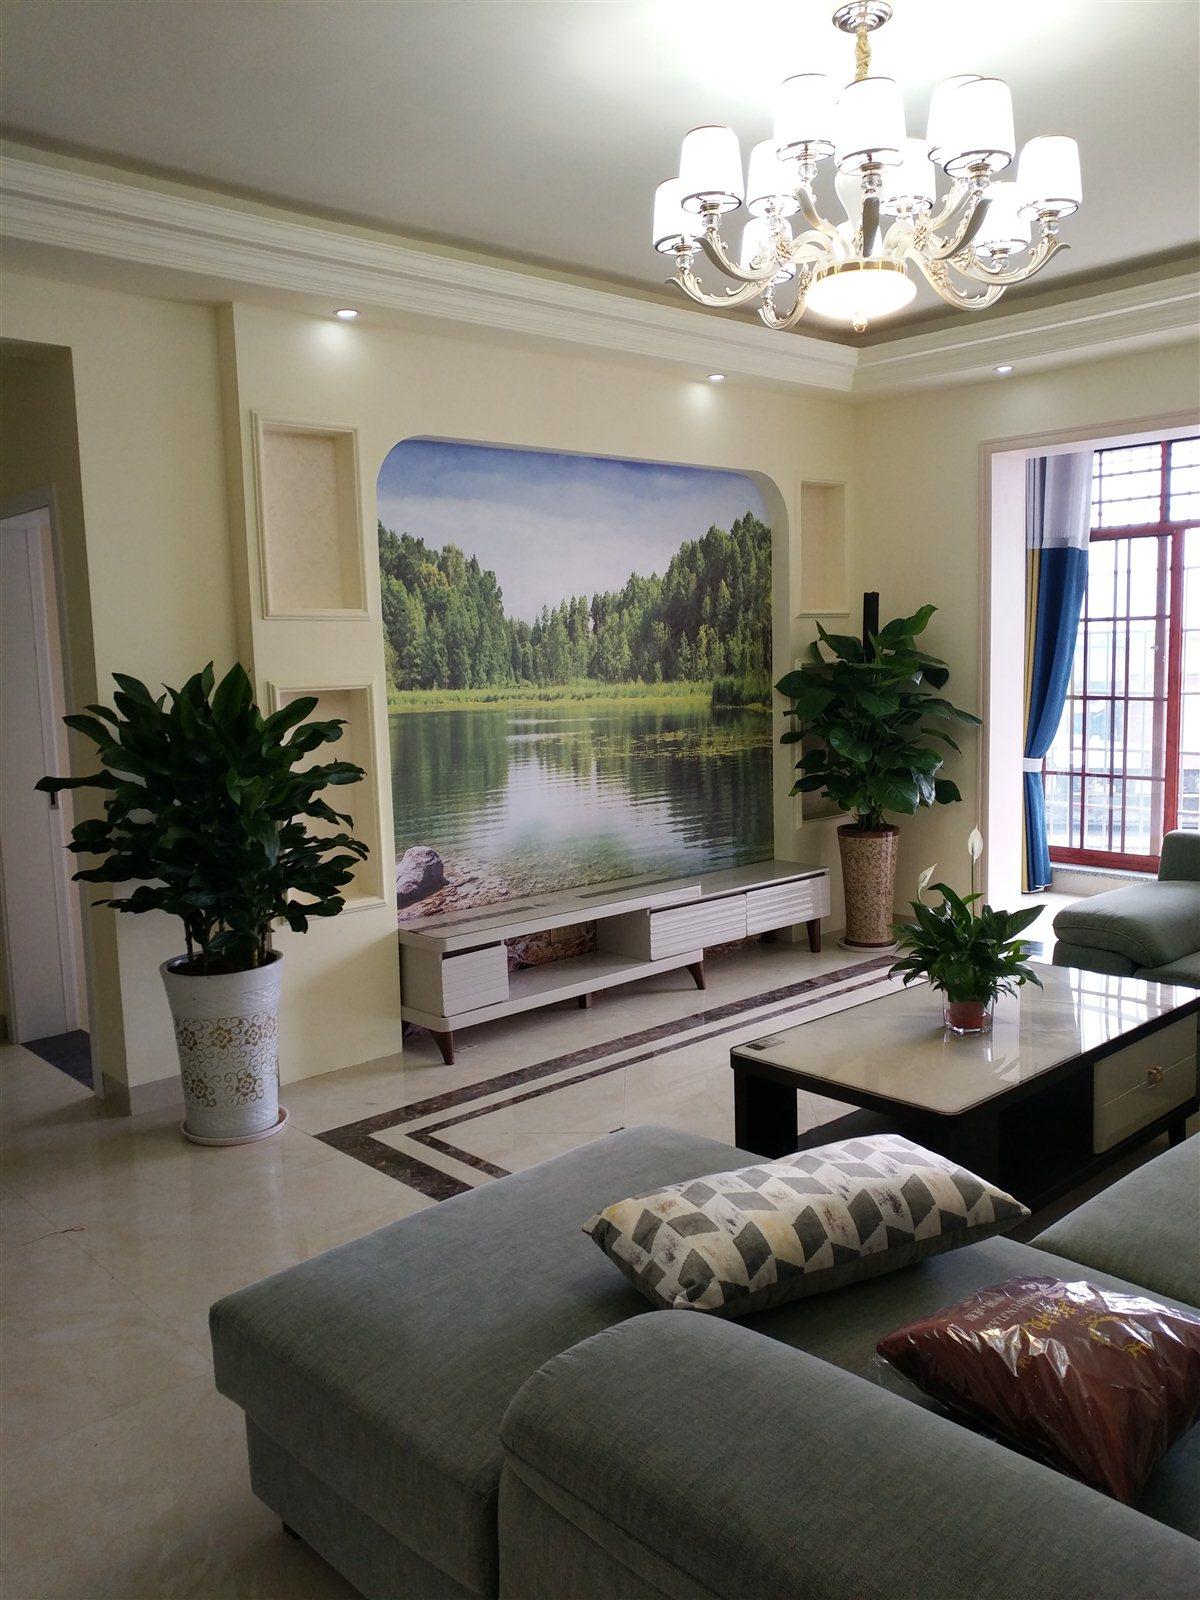 张家沟电梯公寓3室 2厅 2卫66.8万元